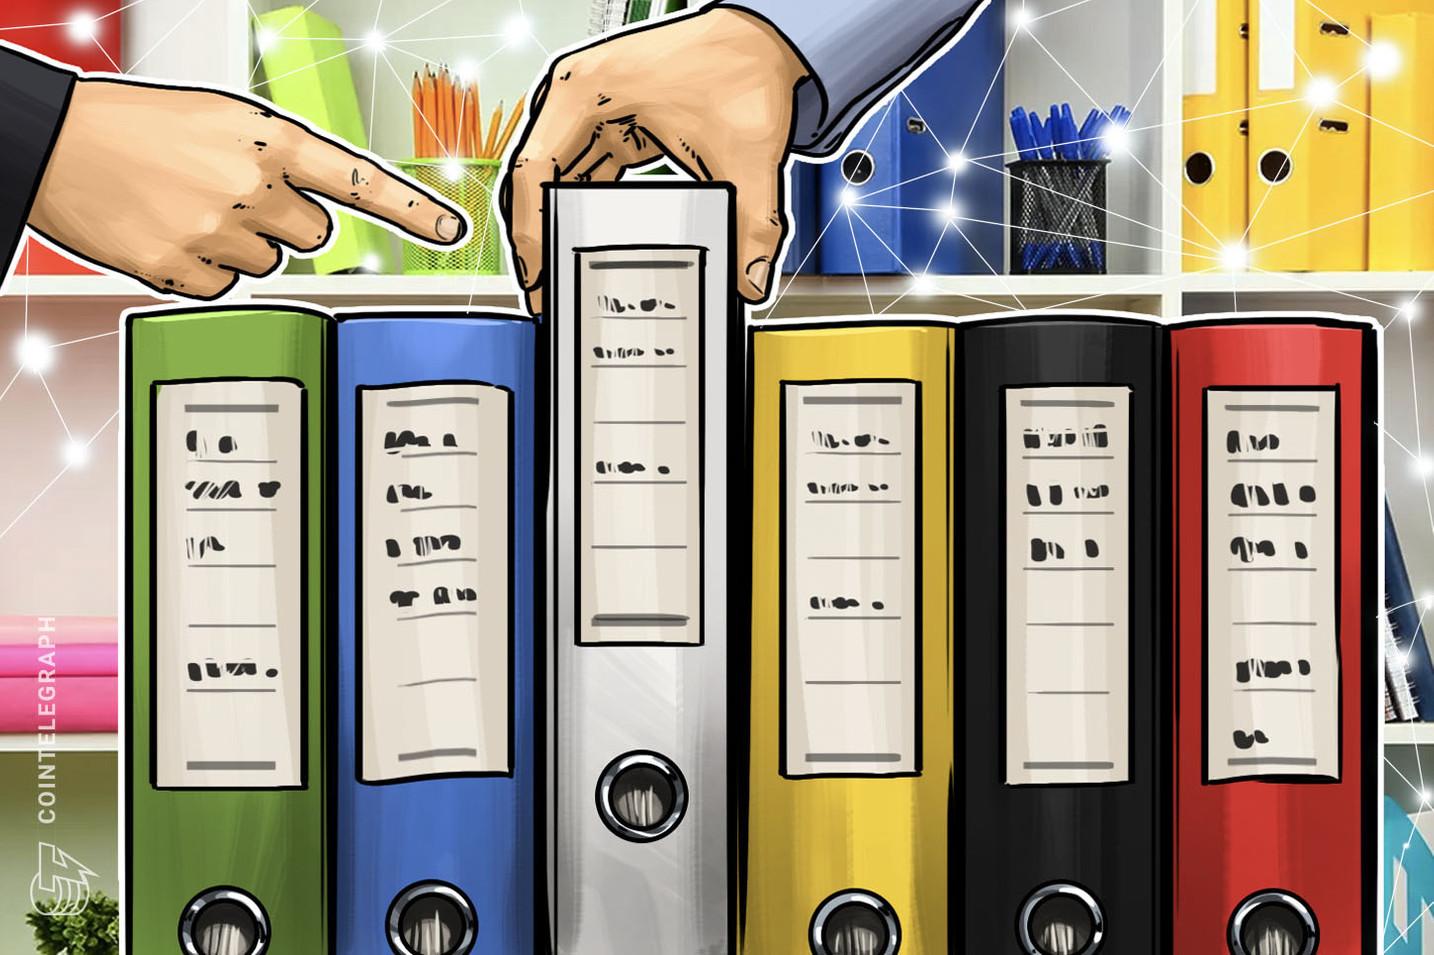 كوداك تكشف عن نظام جديد لإدارة الوثائق يستند إلى بلوكتشين